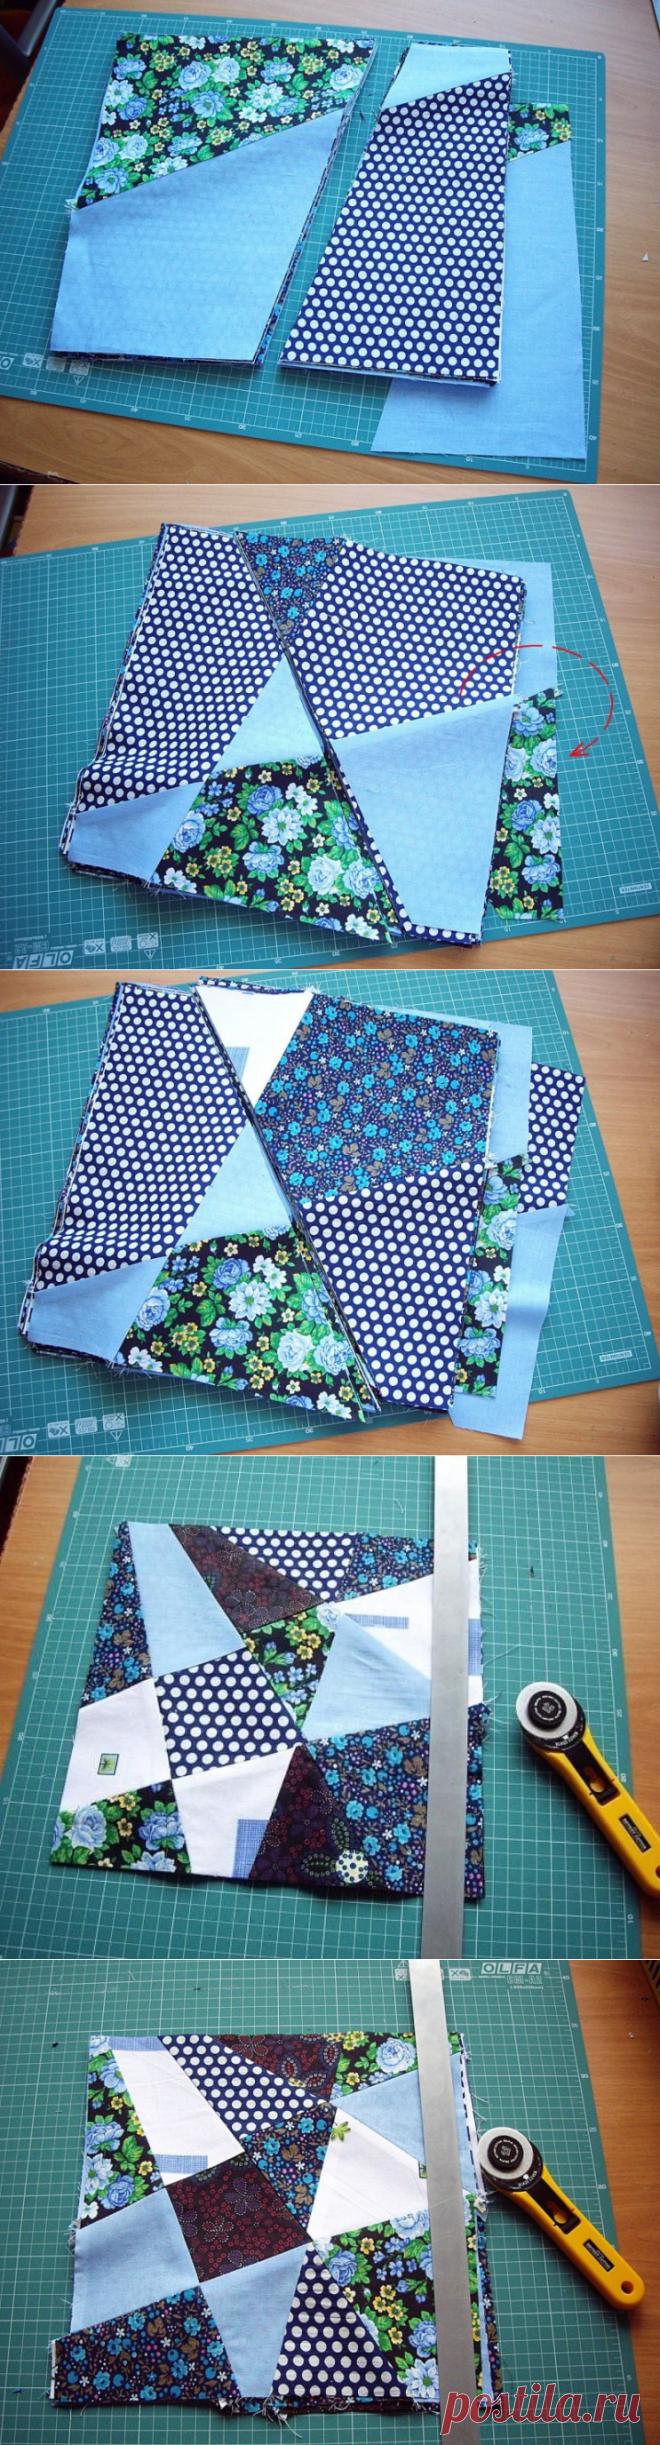 Лоскутное одеяло: мастер-класс — Сделай сам, идеи для творчества - DIY Ideas